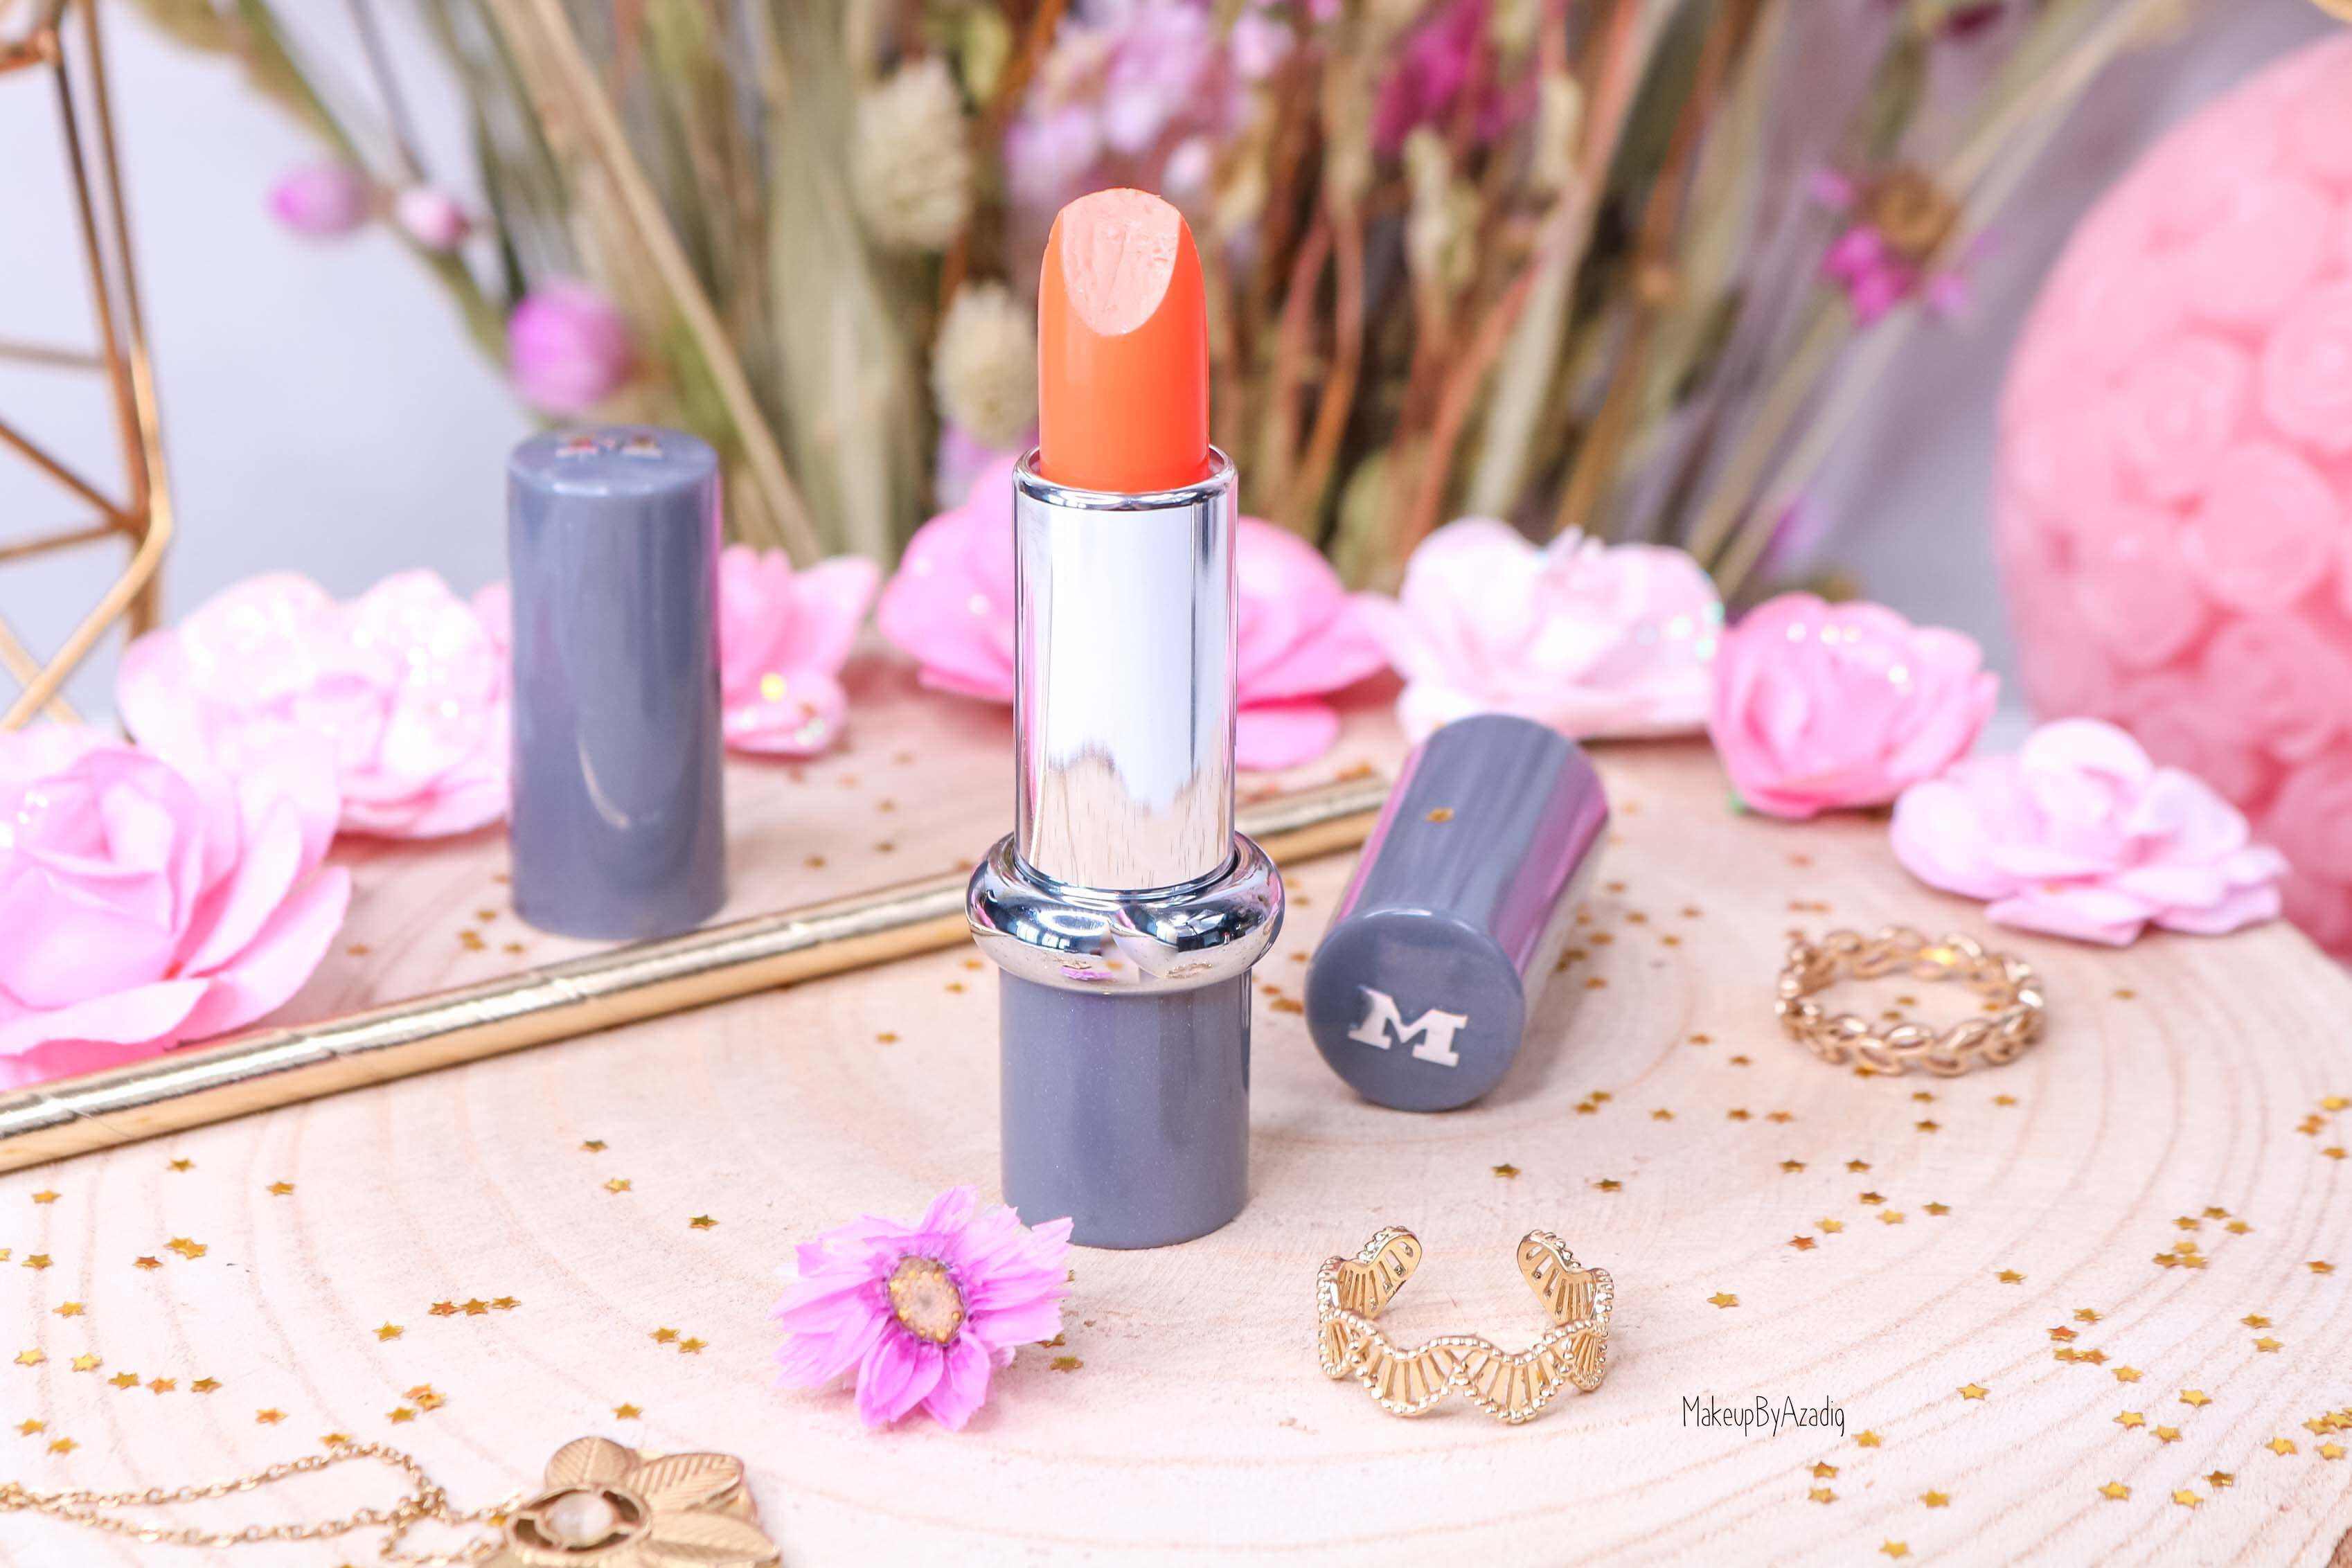 revue-rouge-a-levres-mavala-collection-sunlight-tendance-printemps-ete-2019-2020-monoprix-paris-makeupbyazadig-avis-prix-swatch-orange